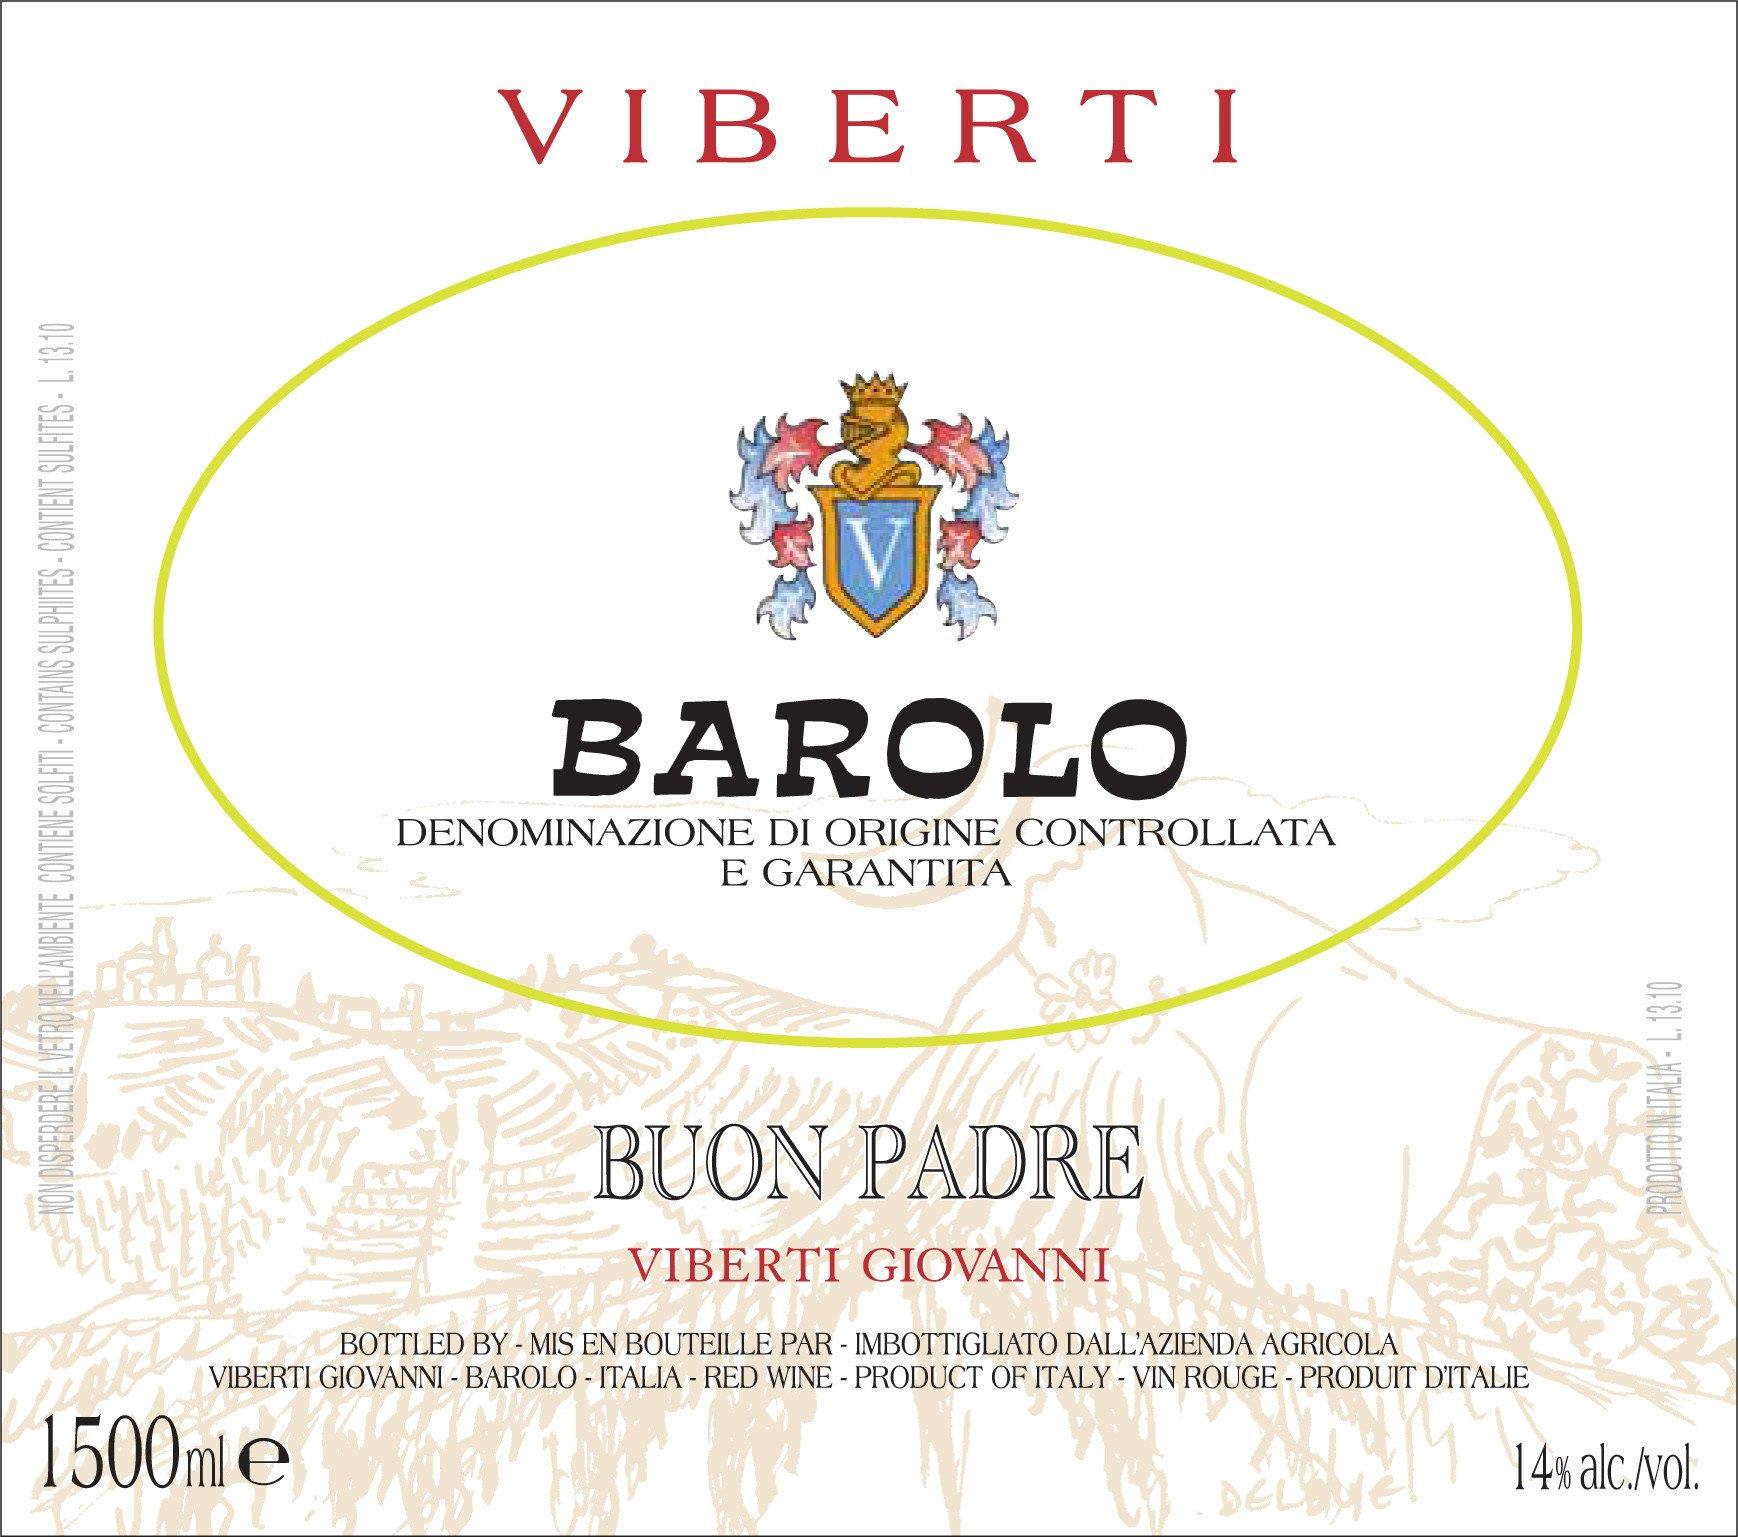 Viberti Barolo Buon Padre 5 litri 2010